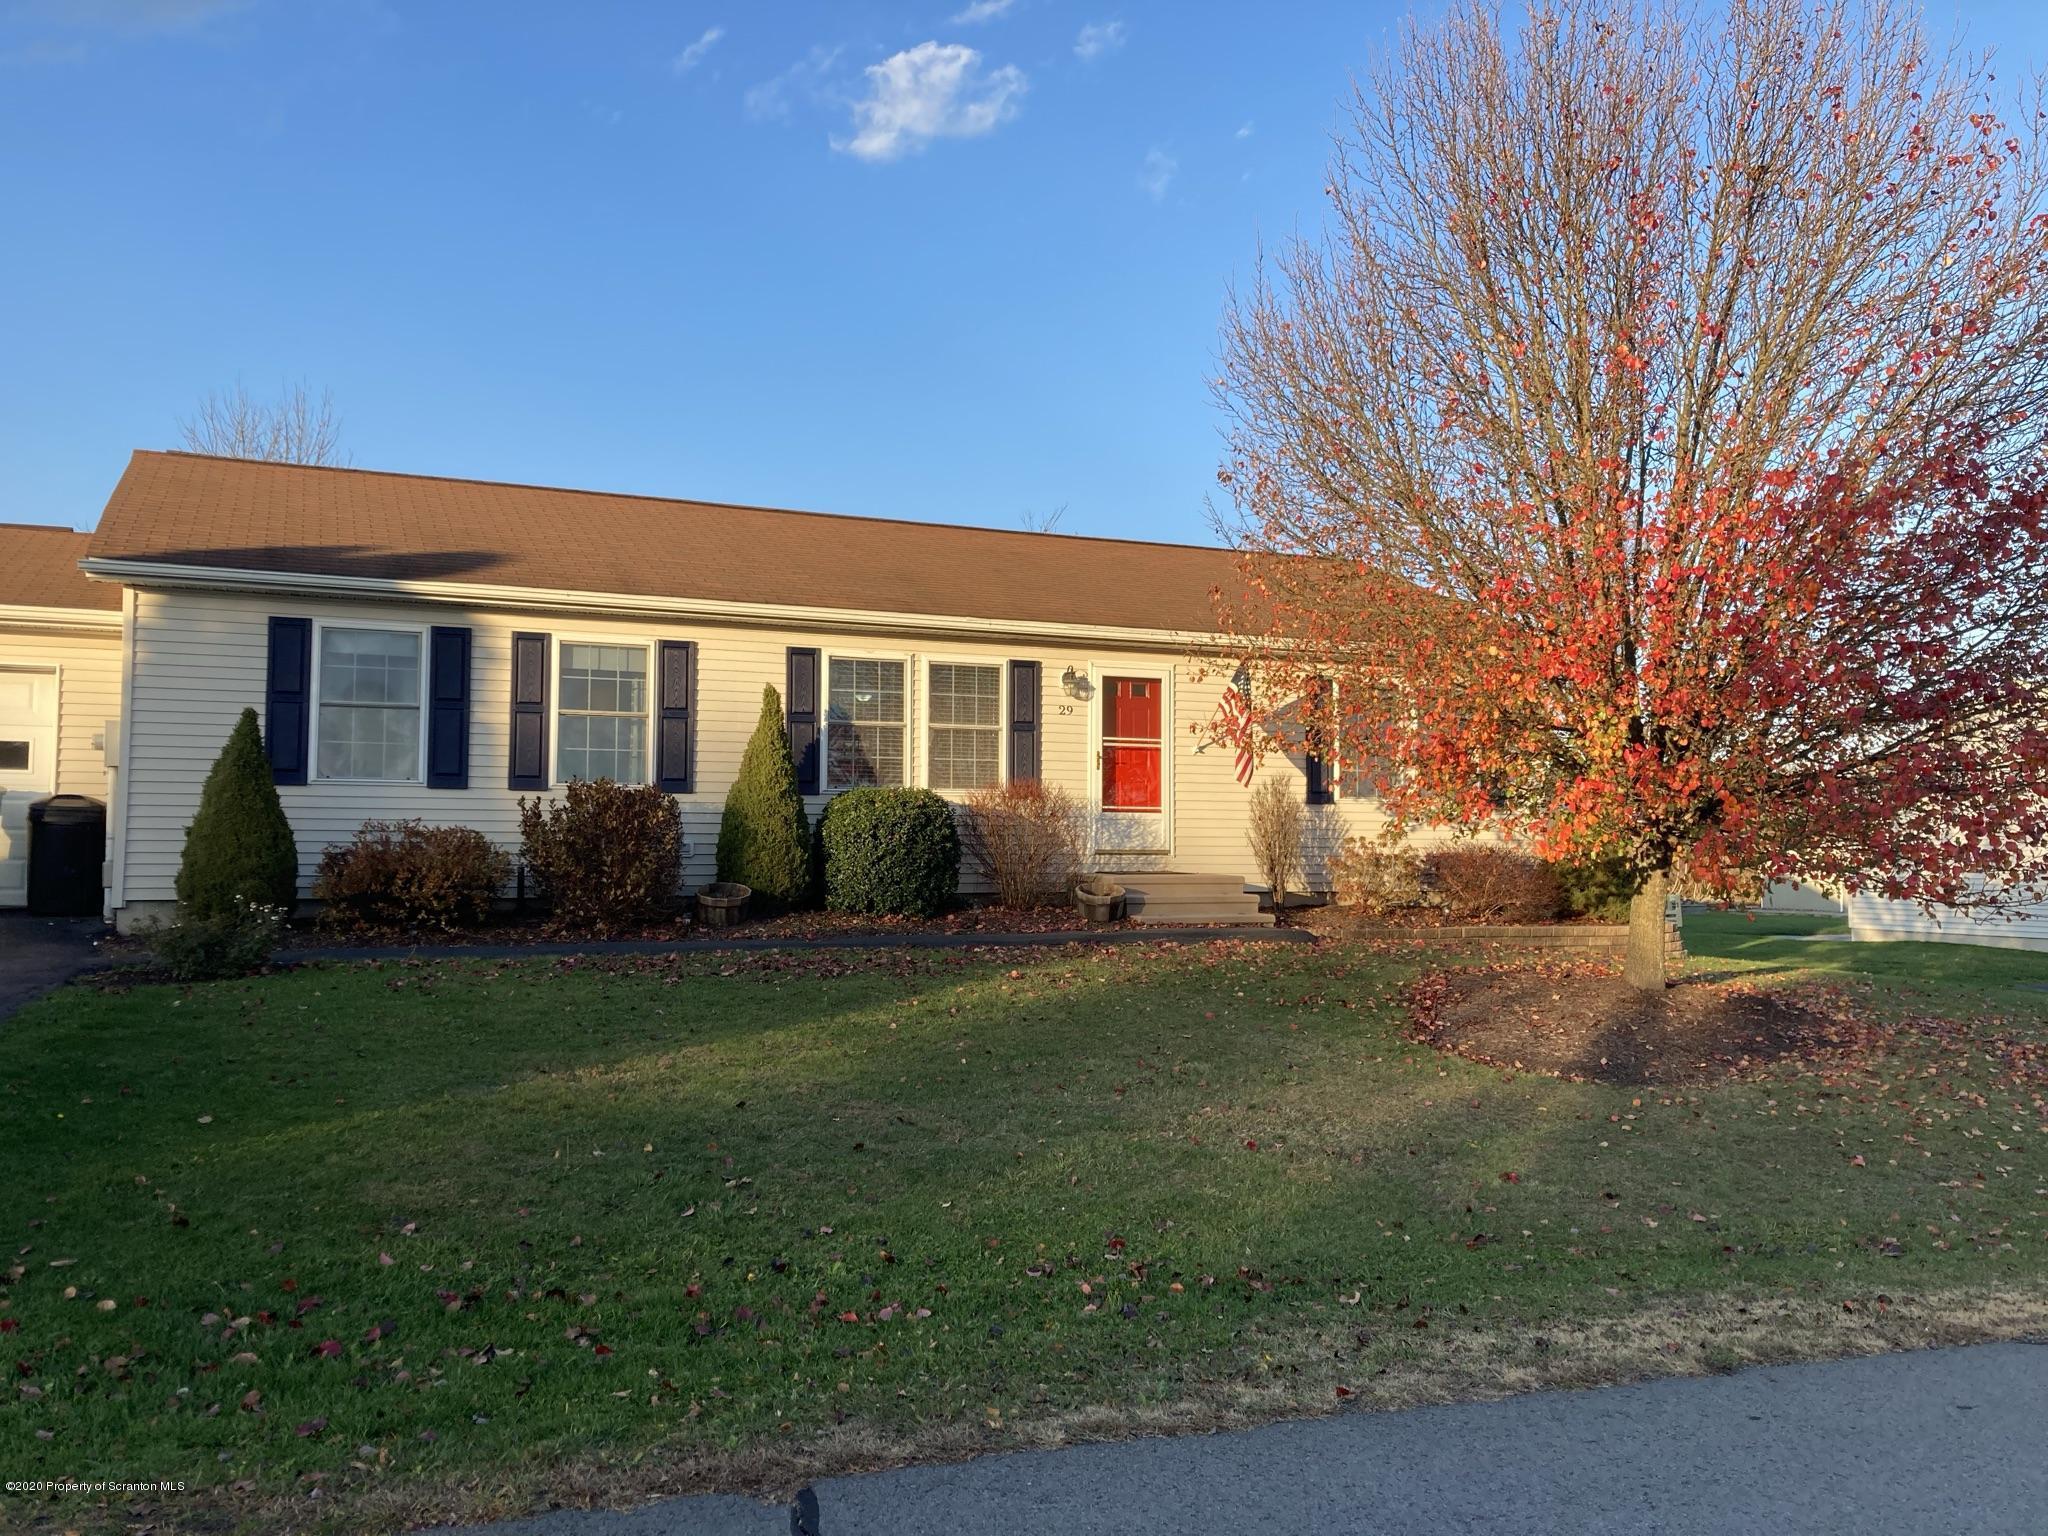 29 Morio Dr, Tunkhannock, Pennsylvania 18657, 3 Bedrooms Bedrooms, 5 Rooms Rooms,2 BathroomsBathrooms,Single Family,For Sale,Morio,20-4992